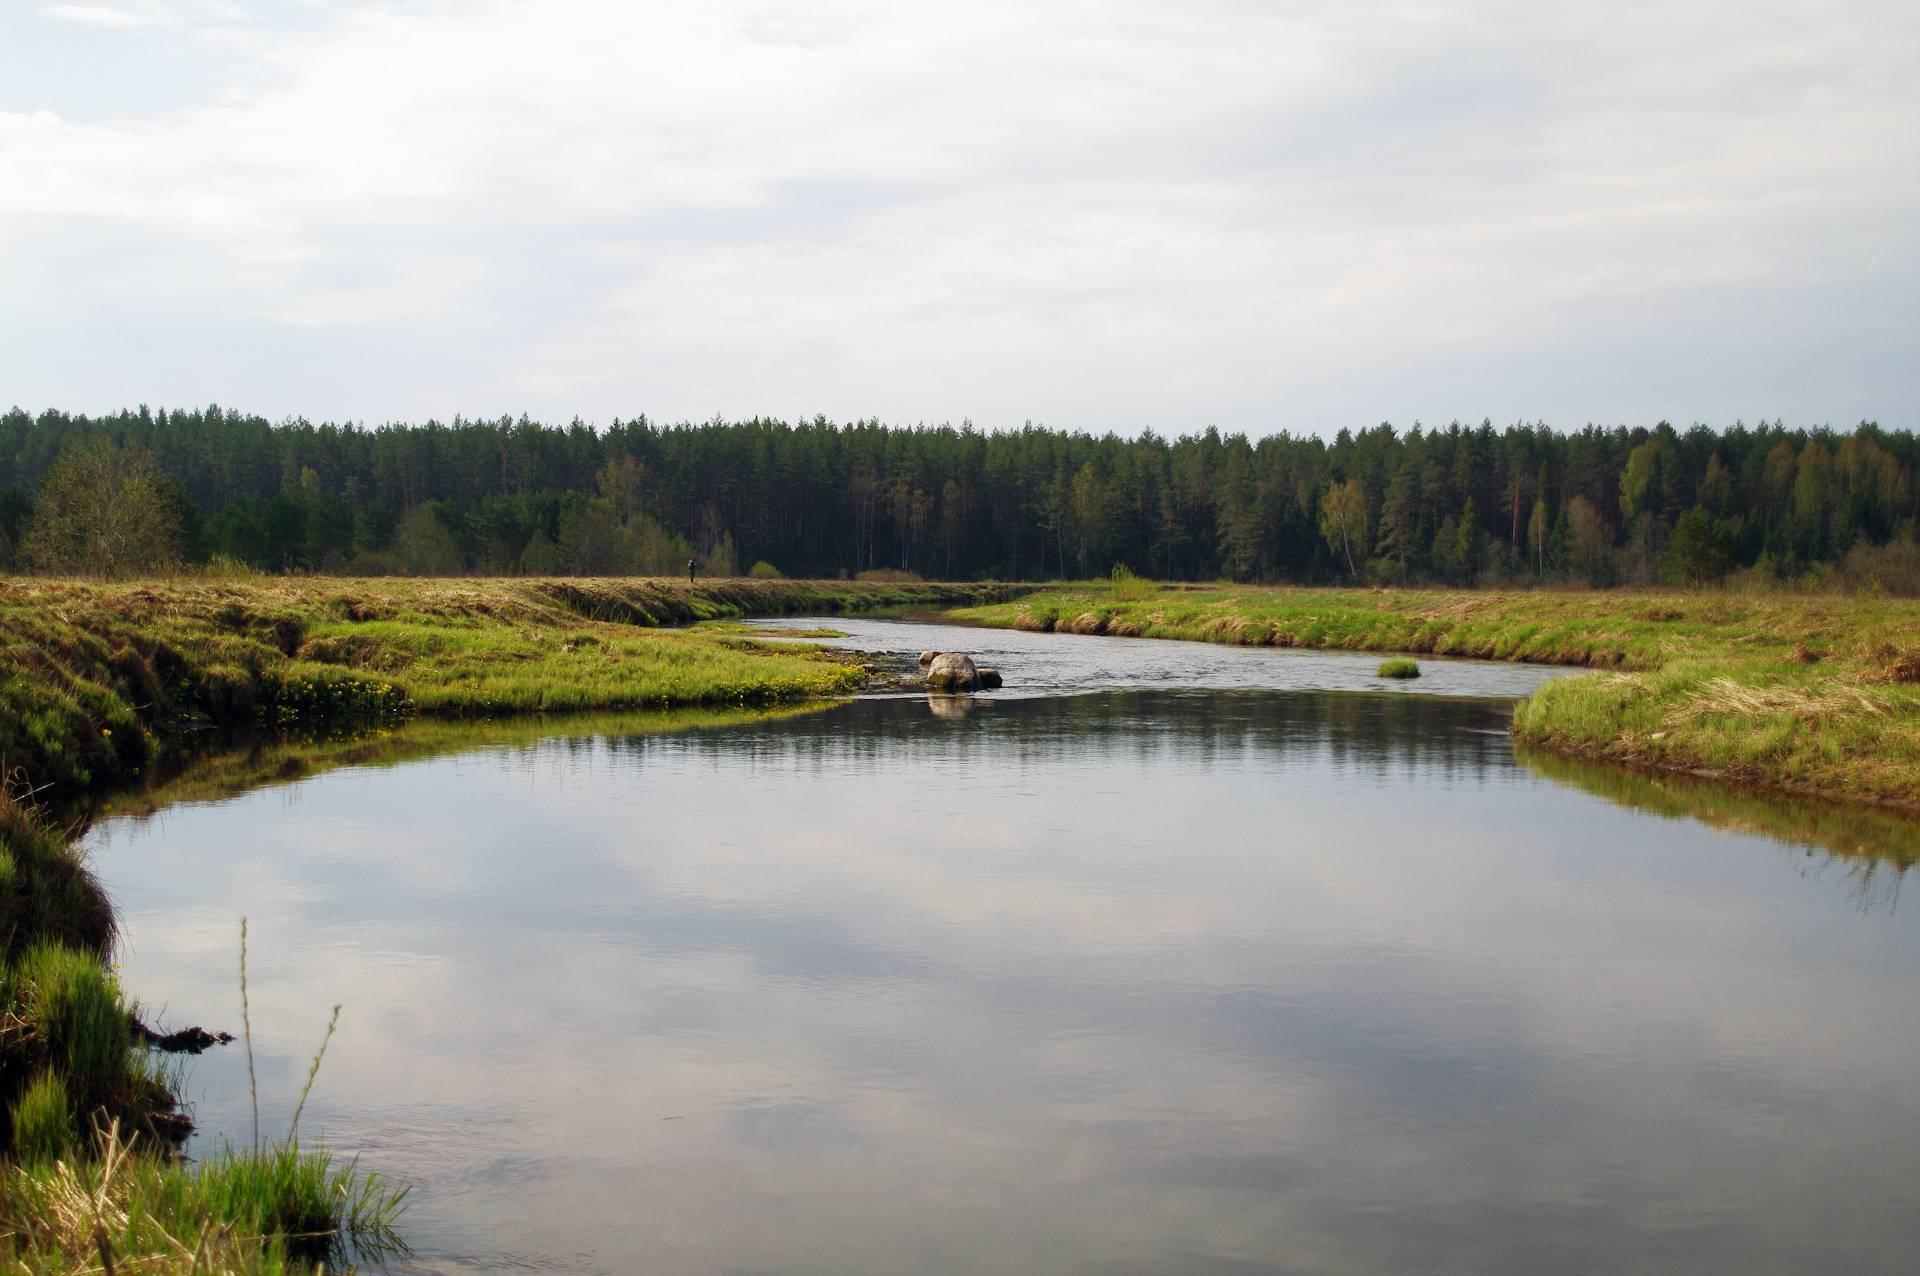 Тверская область, 2020 год и нерестовый запрет на рыбалку